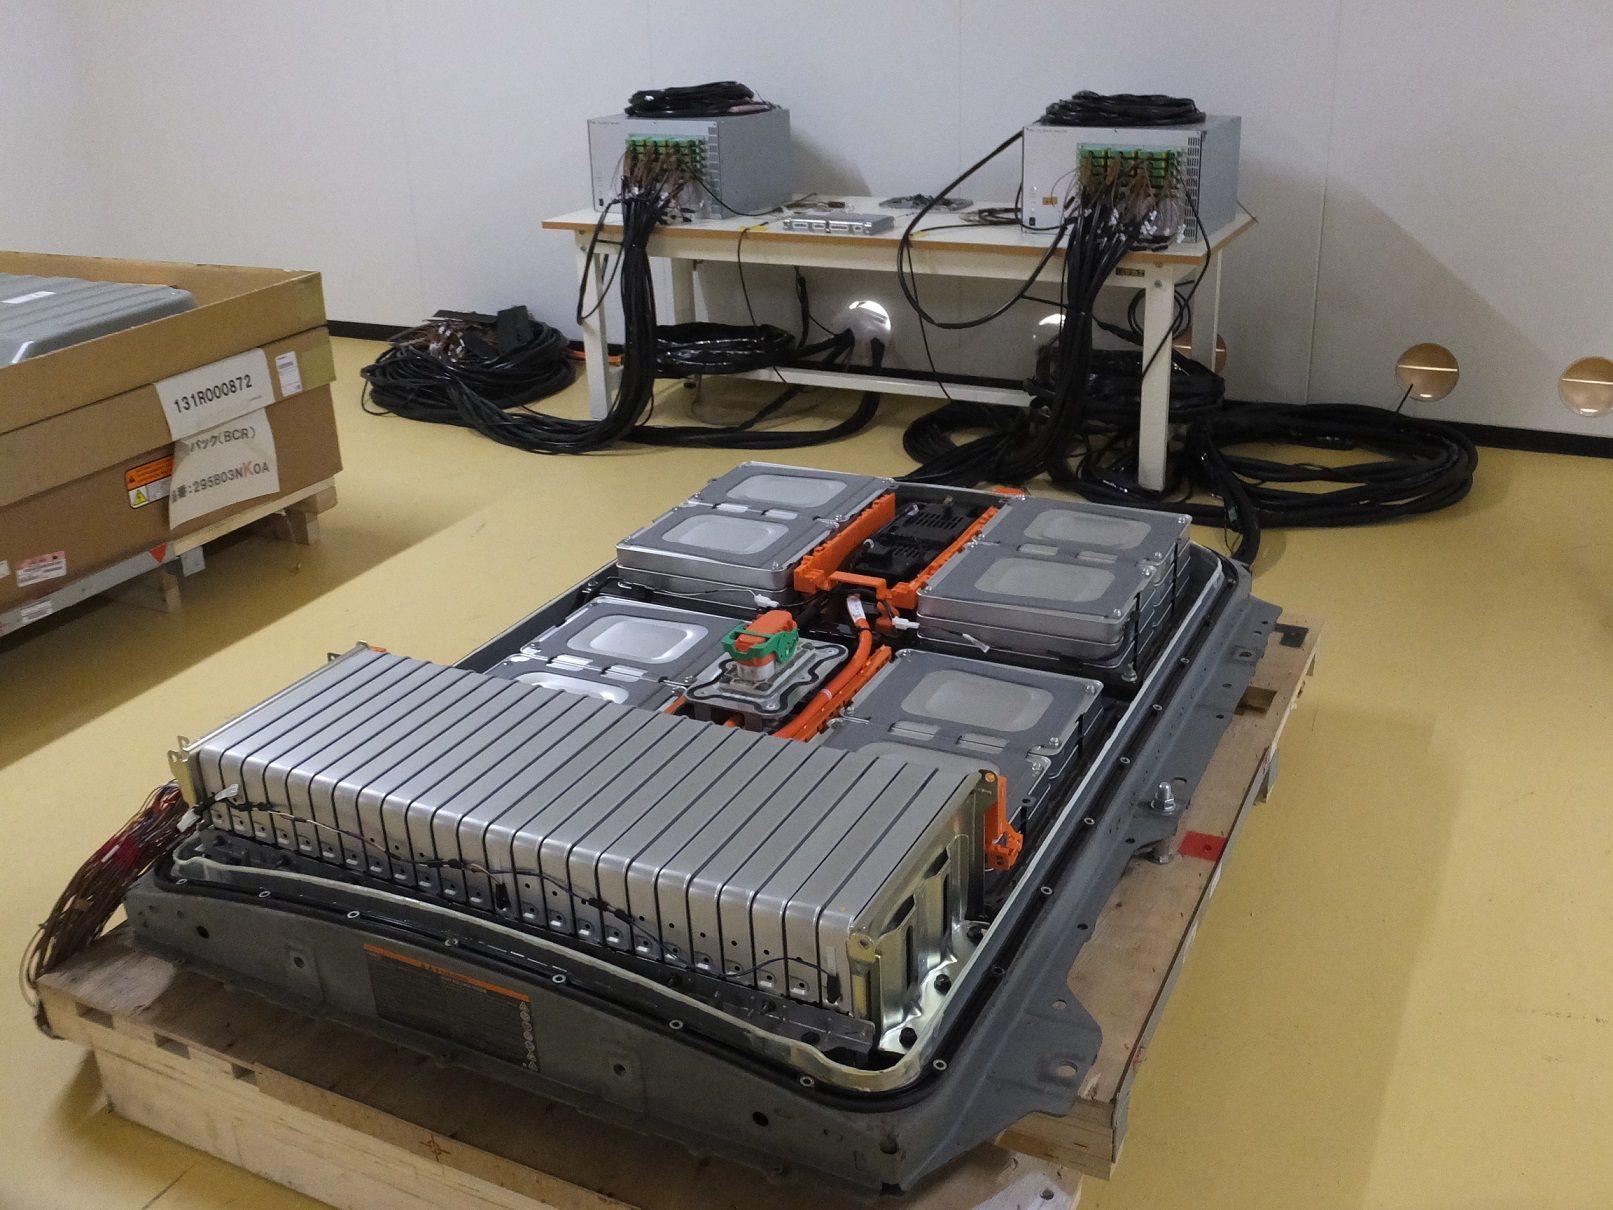 4RエナジーとJR東日本、EV「リーフ」の再生バッテリーを踏切保安に活用 常磐線と水戸線で